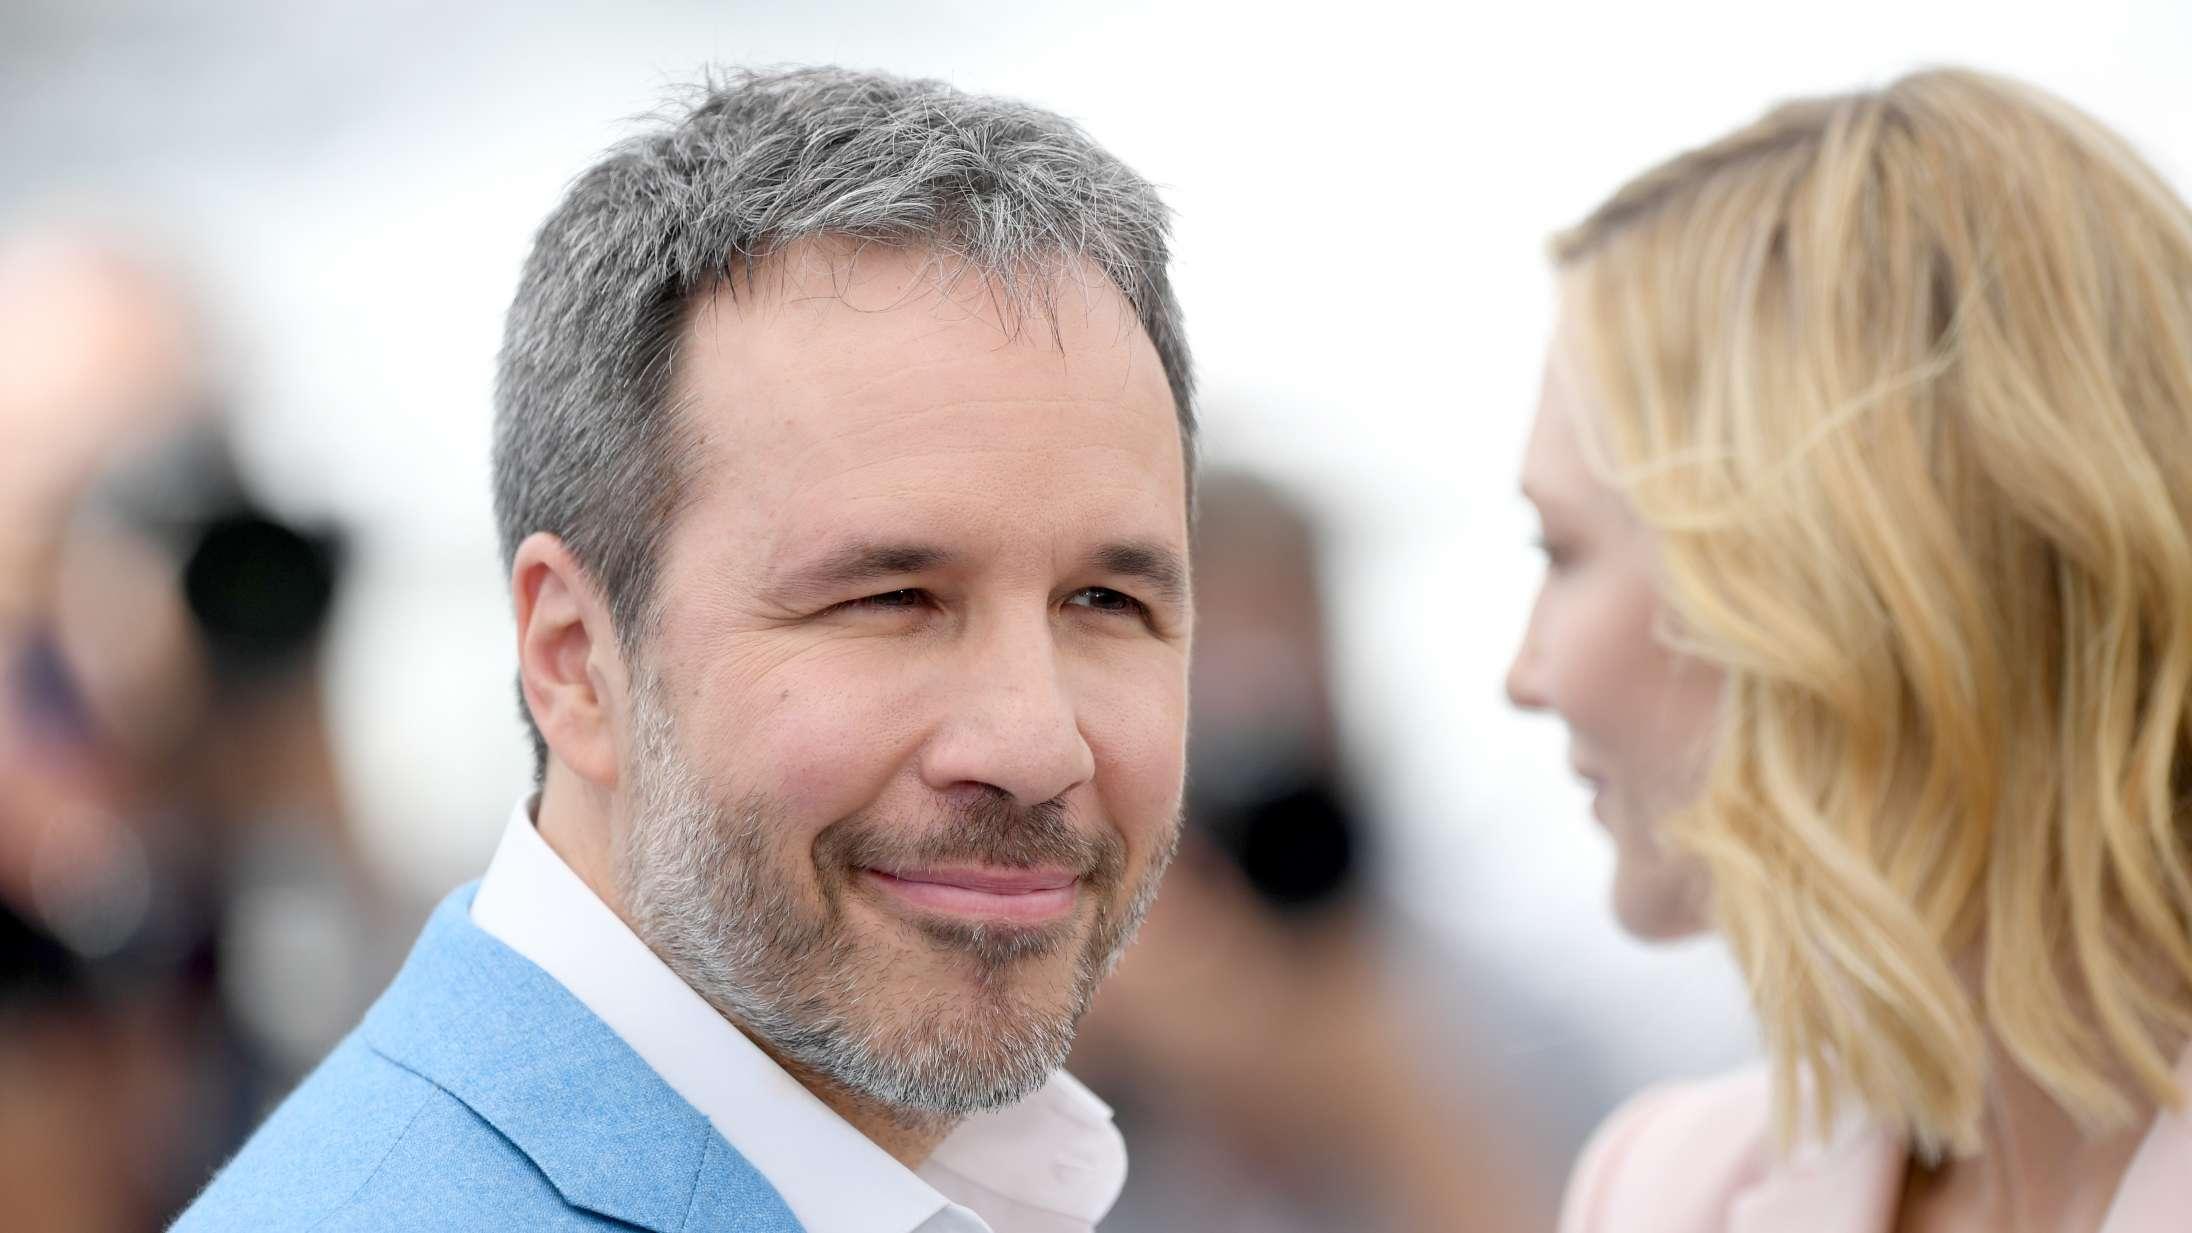 Derfor bør Denis Villeneuve nævnes i samme åndedrag som Nolan, Fincher og Spielberg